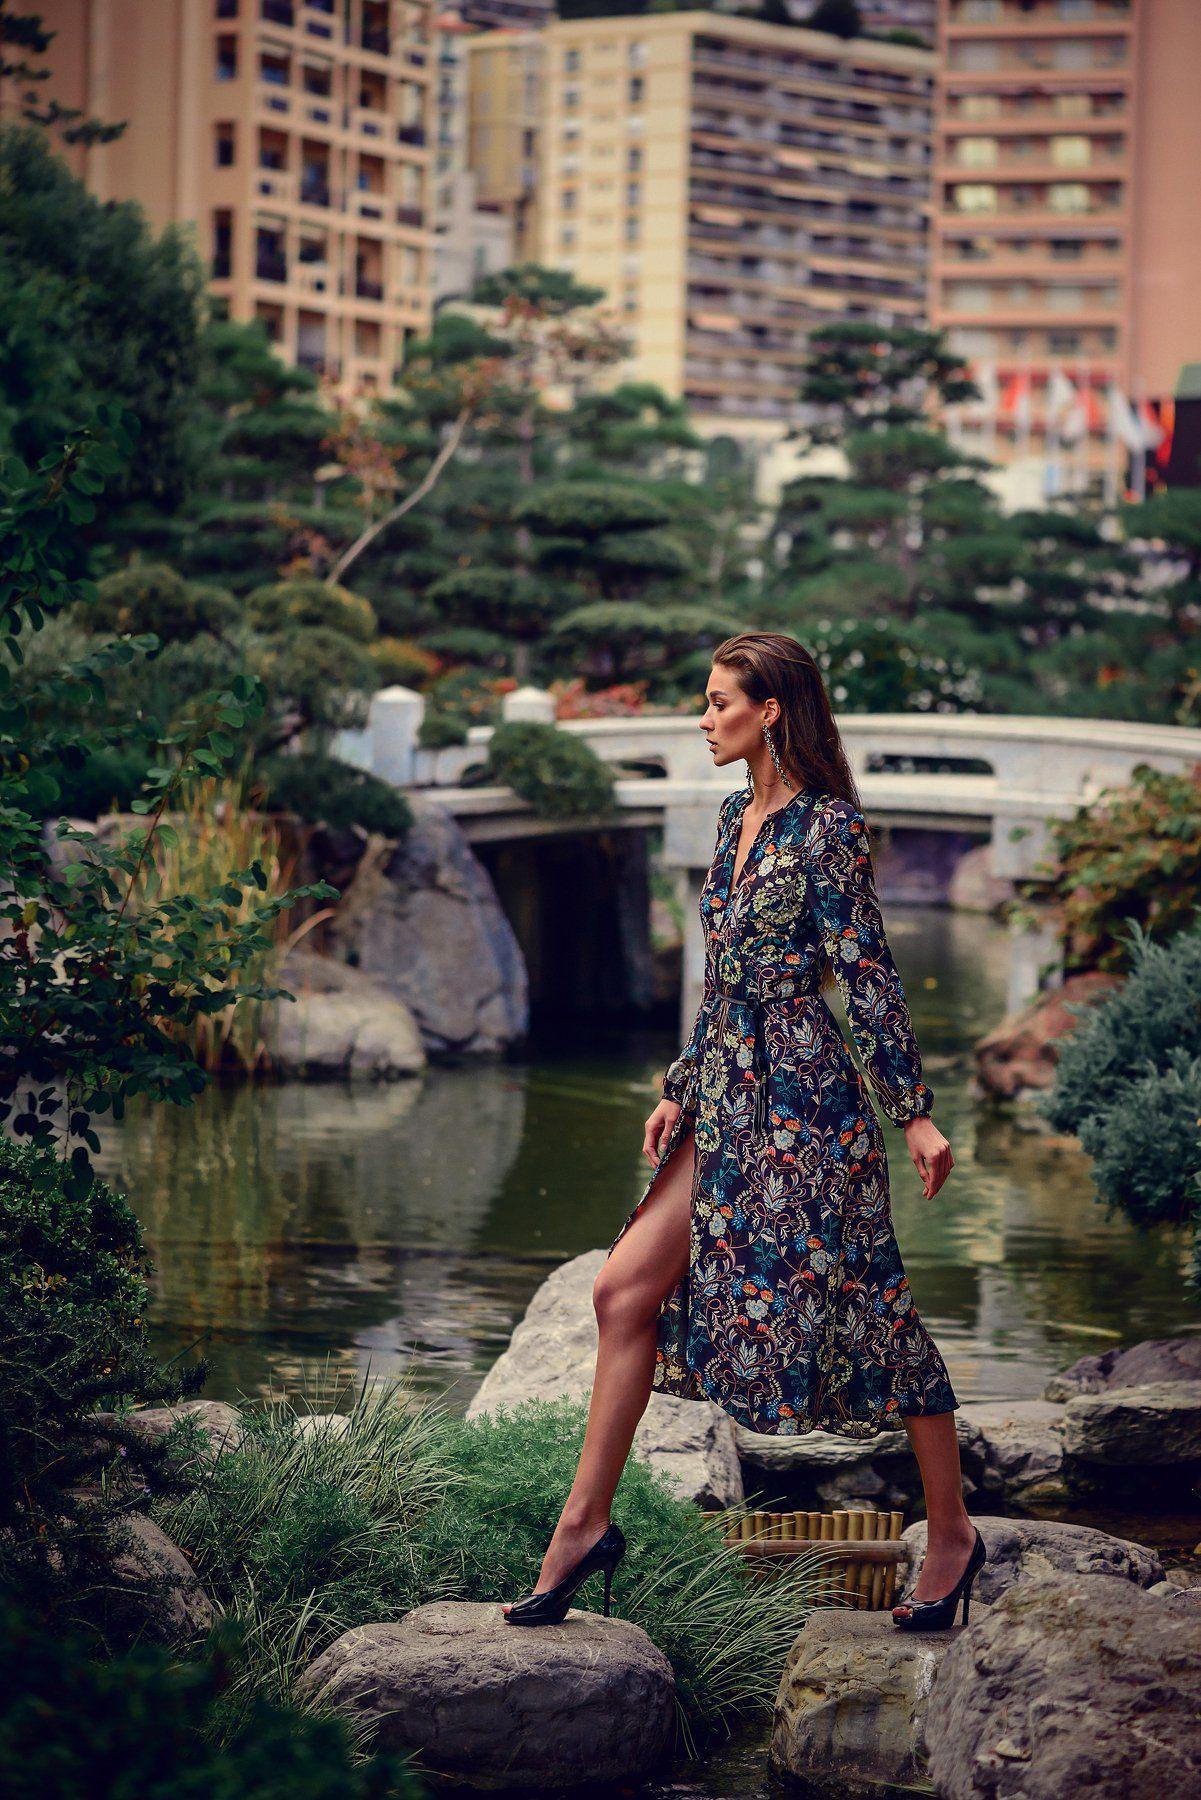 colour, portrait, street, photo, nature, Павел Соколов